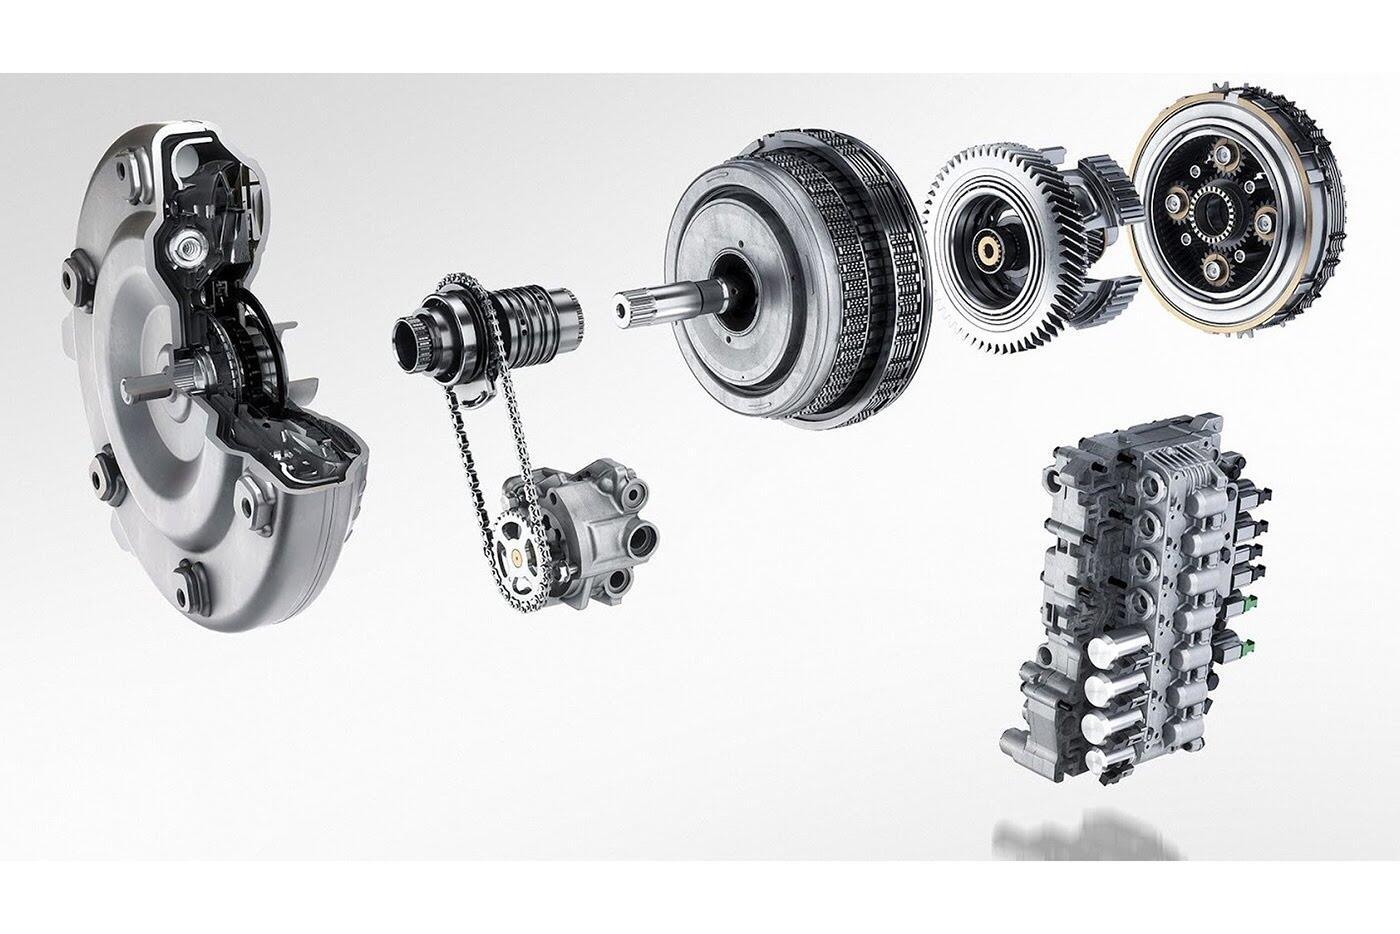 Thêm thông tin về động cơ của Peugeot 308 bản nâng cấp 2018 - Hình 9